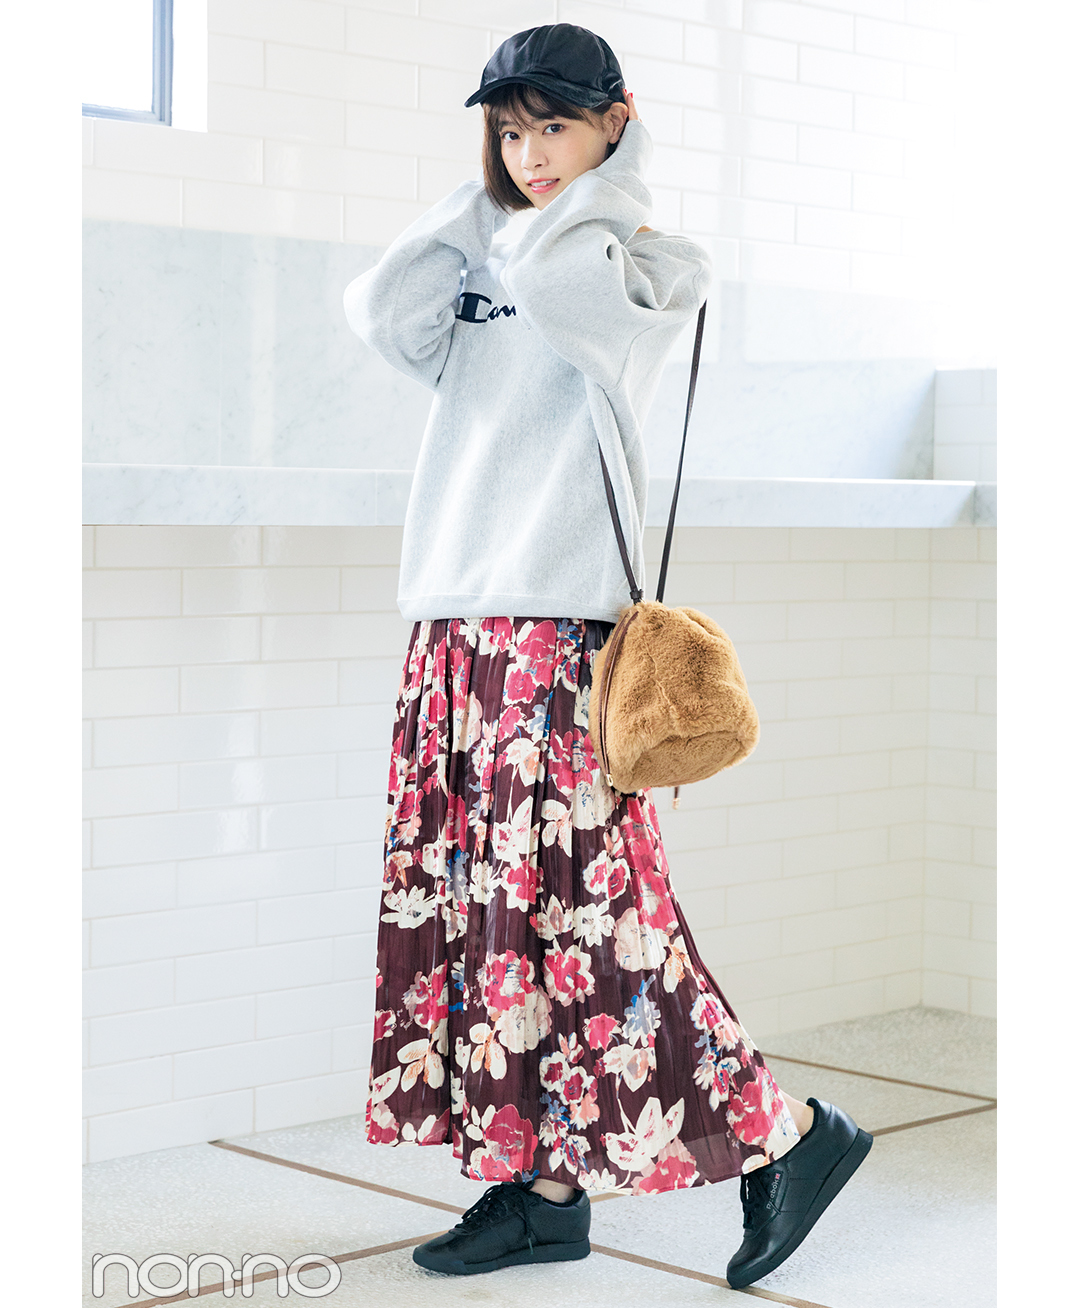 西野七瀬みたいに着こなしたい♡ スウェット+スニーカーなのに大人っぽコーデ_1_1-1